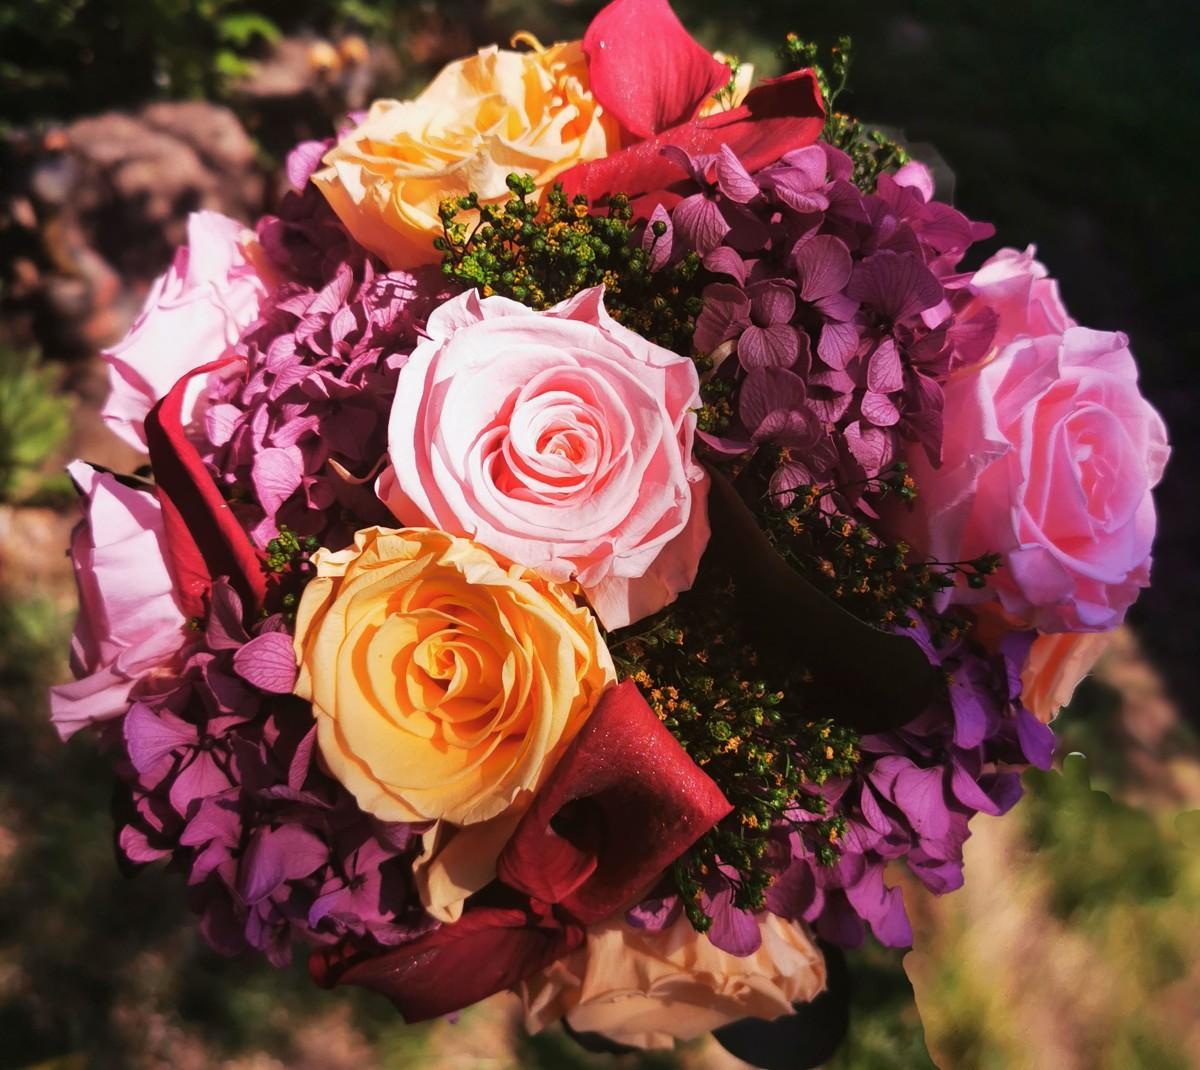 Svadobná kytica zo stabilizovaných kvetov III. - Obrázok č. 1